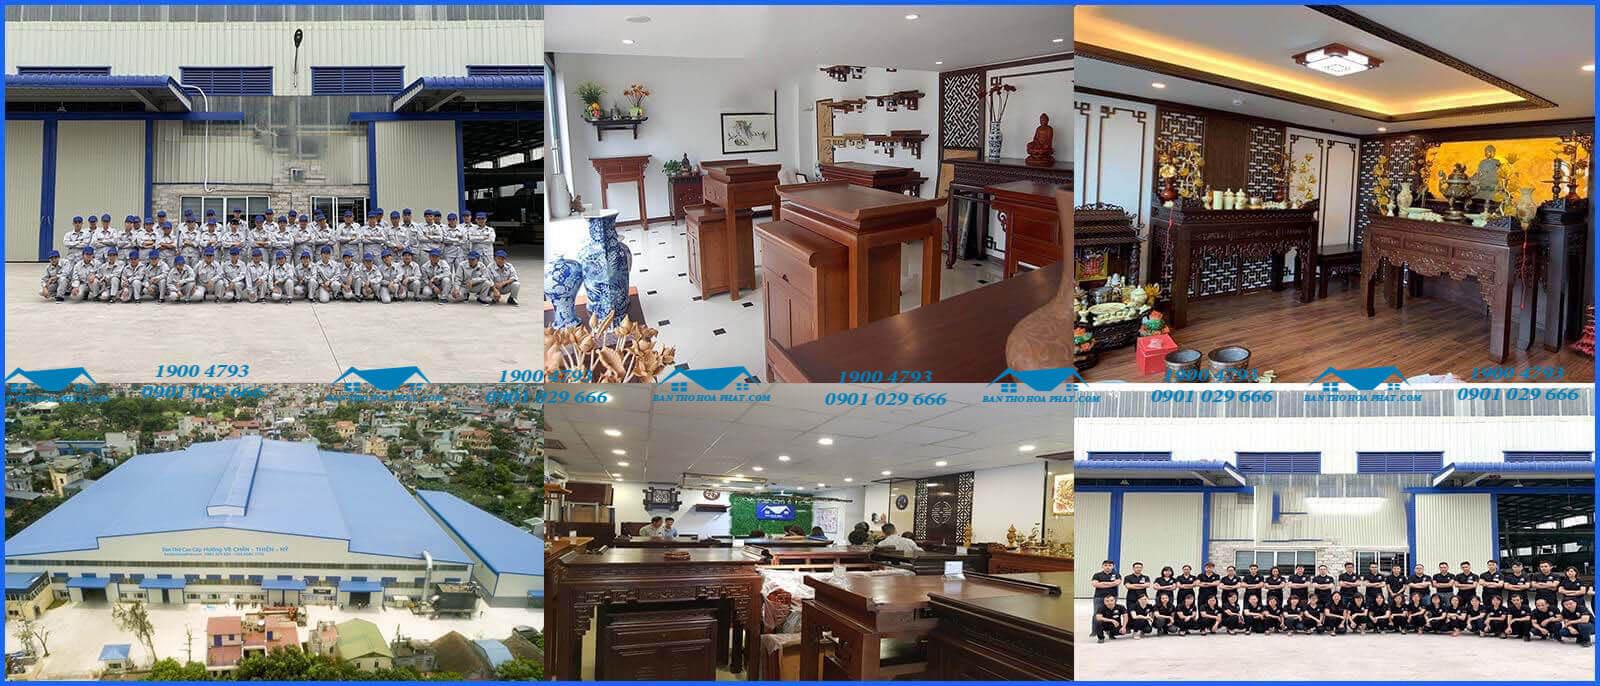 Chất lượng sản phẩm và dịch vụ của bàn thờ Hòa Phát được nhiều người tin tưởng